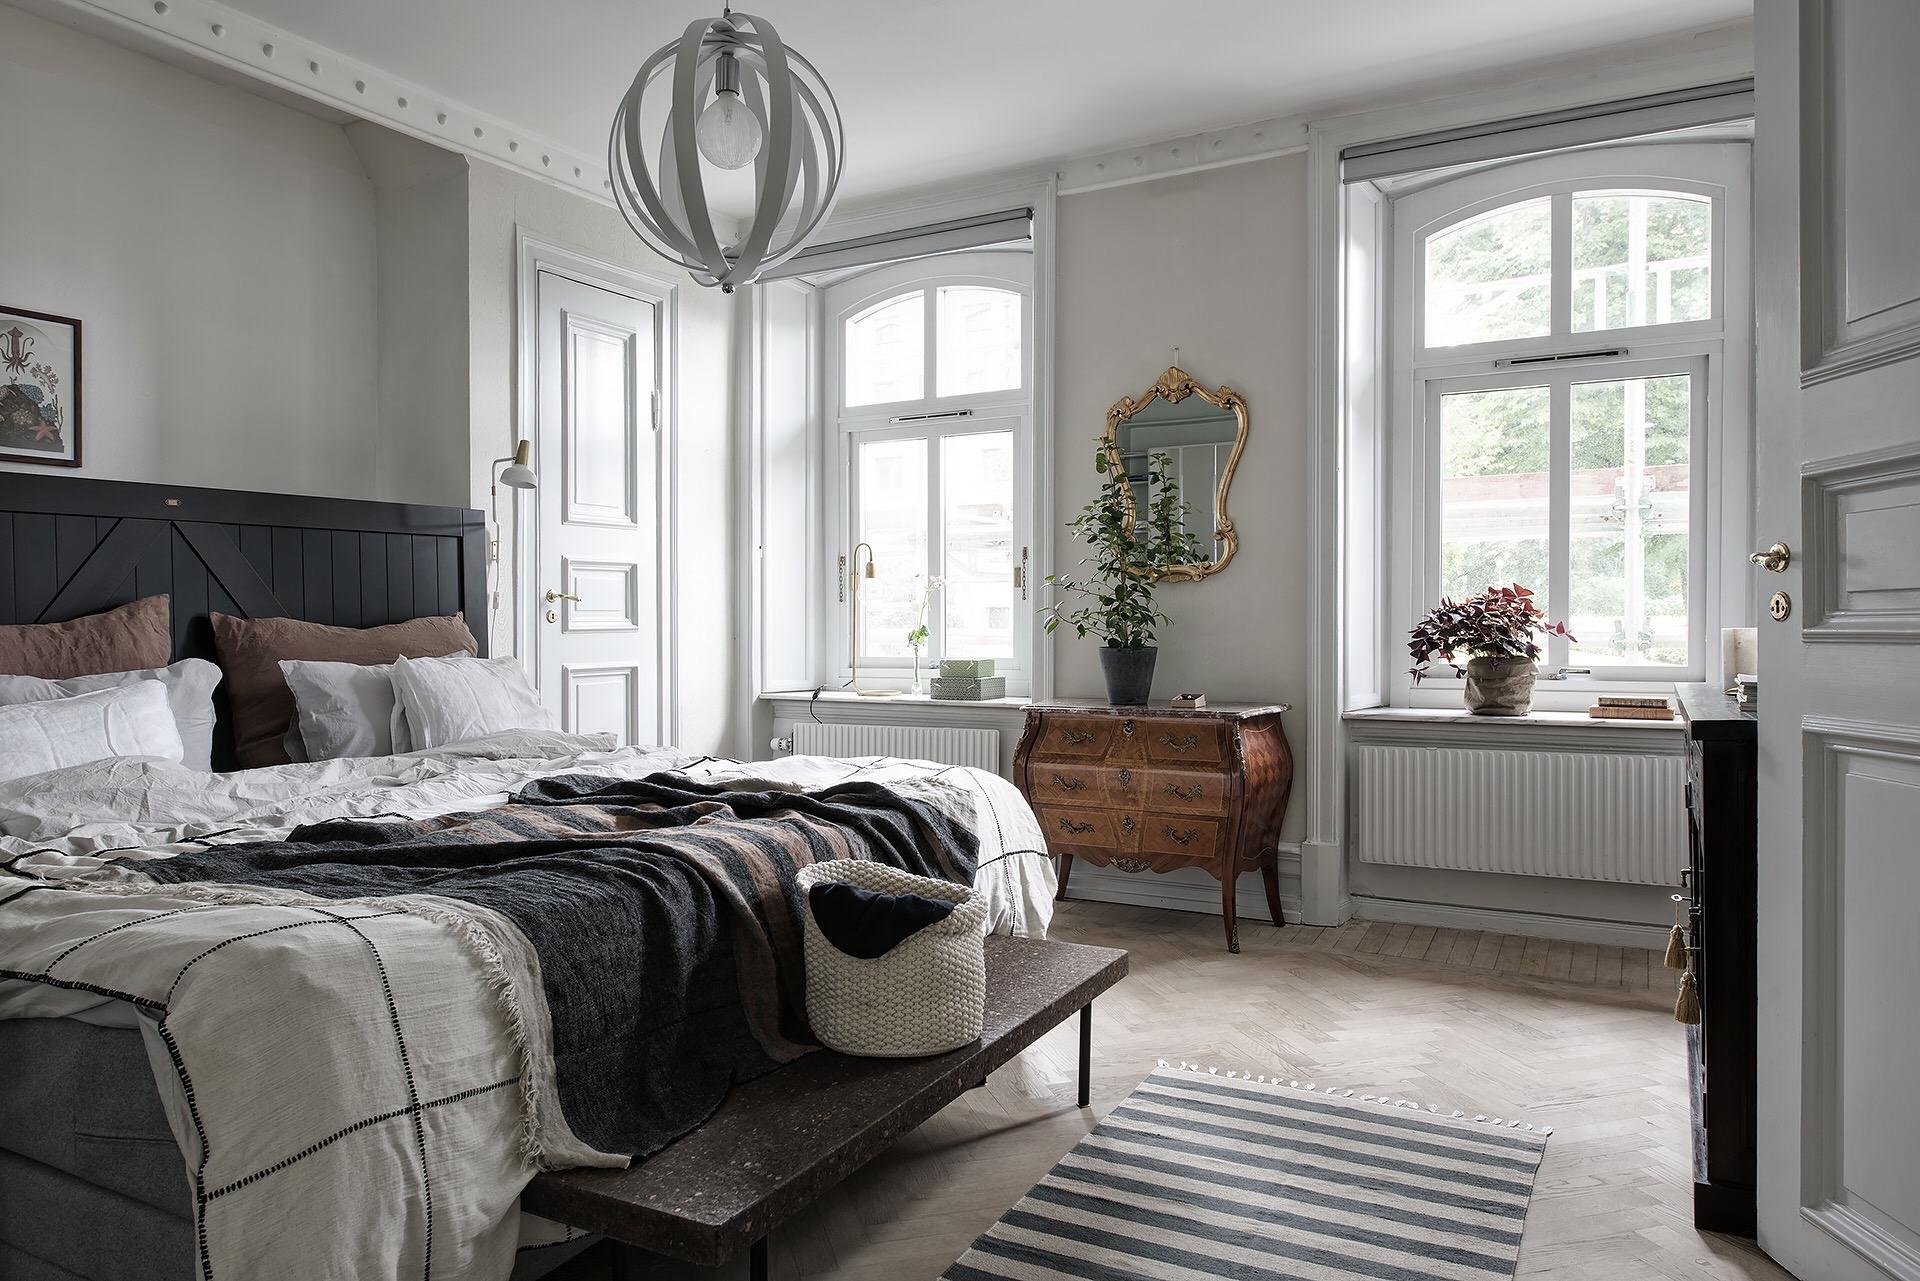 спальня кровать изголовье окно комод изножье скамья